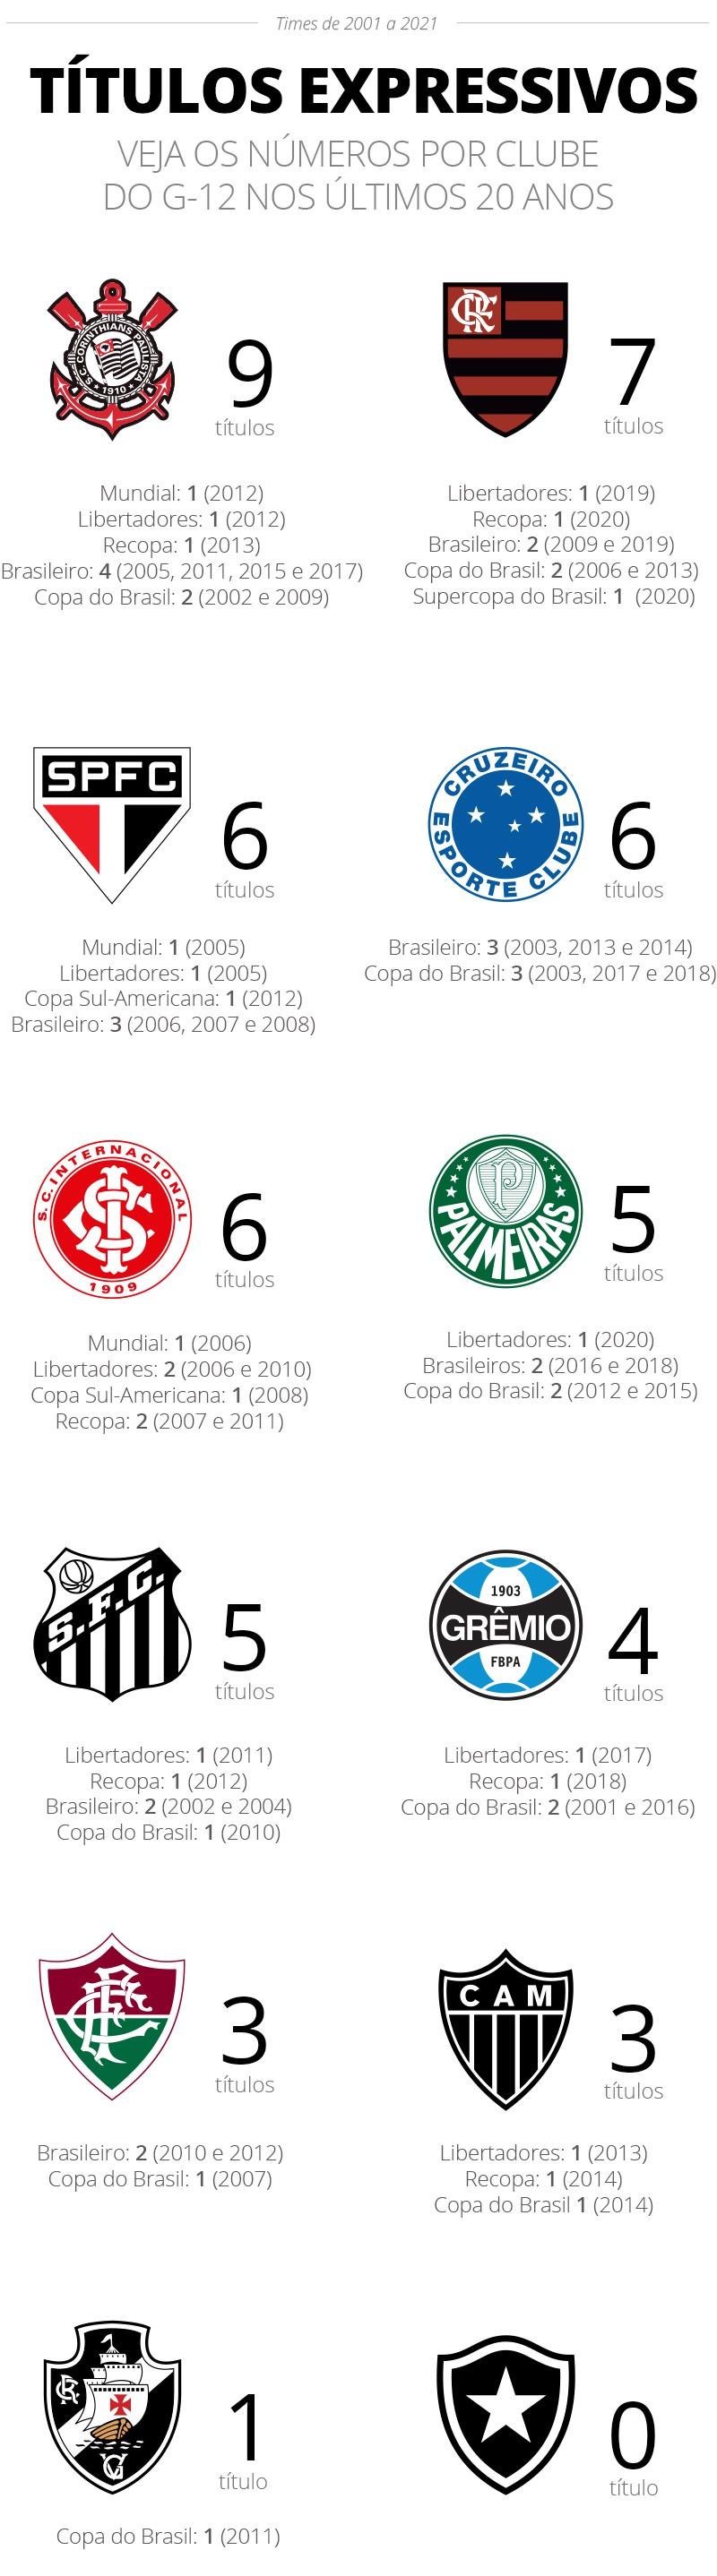 Vasco G-12 títulos expressivos queda - Infografia